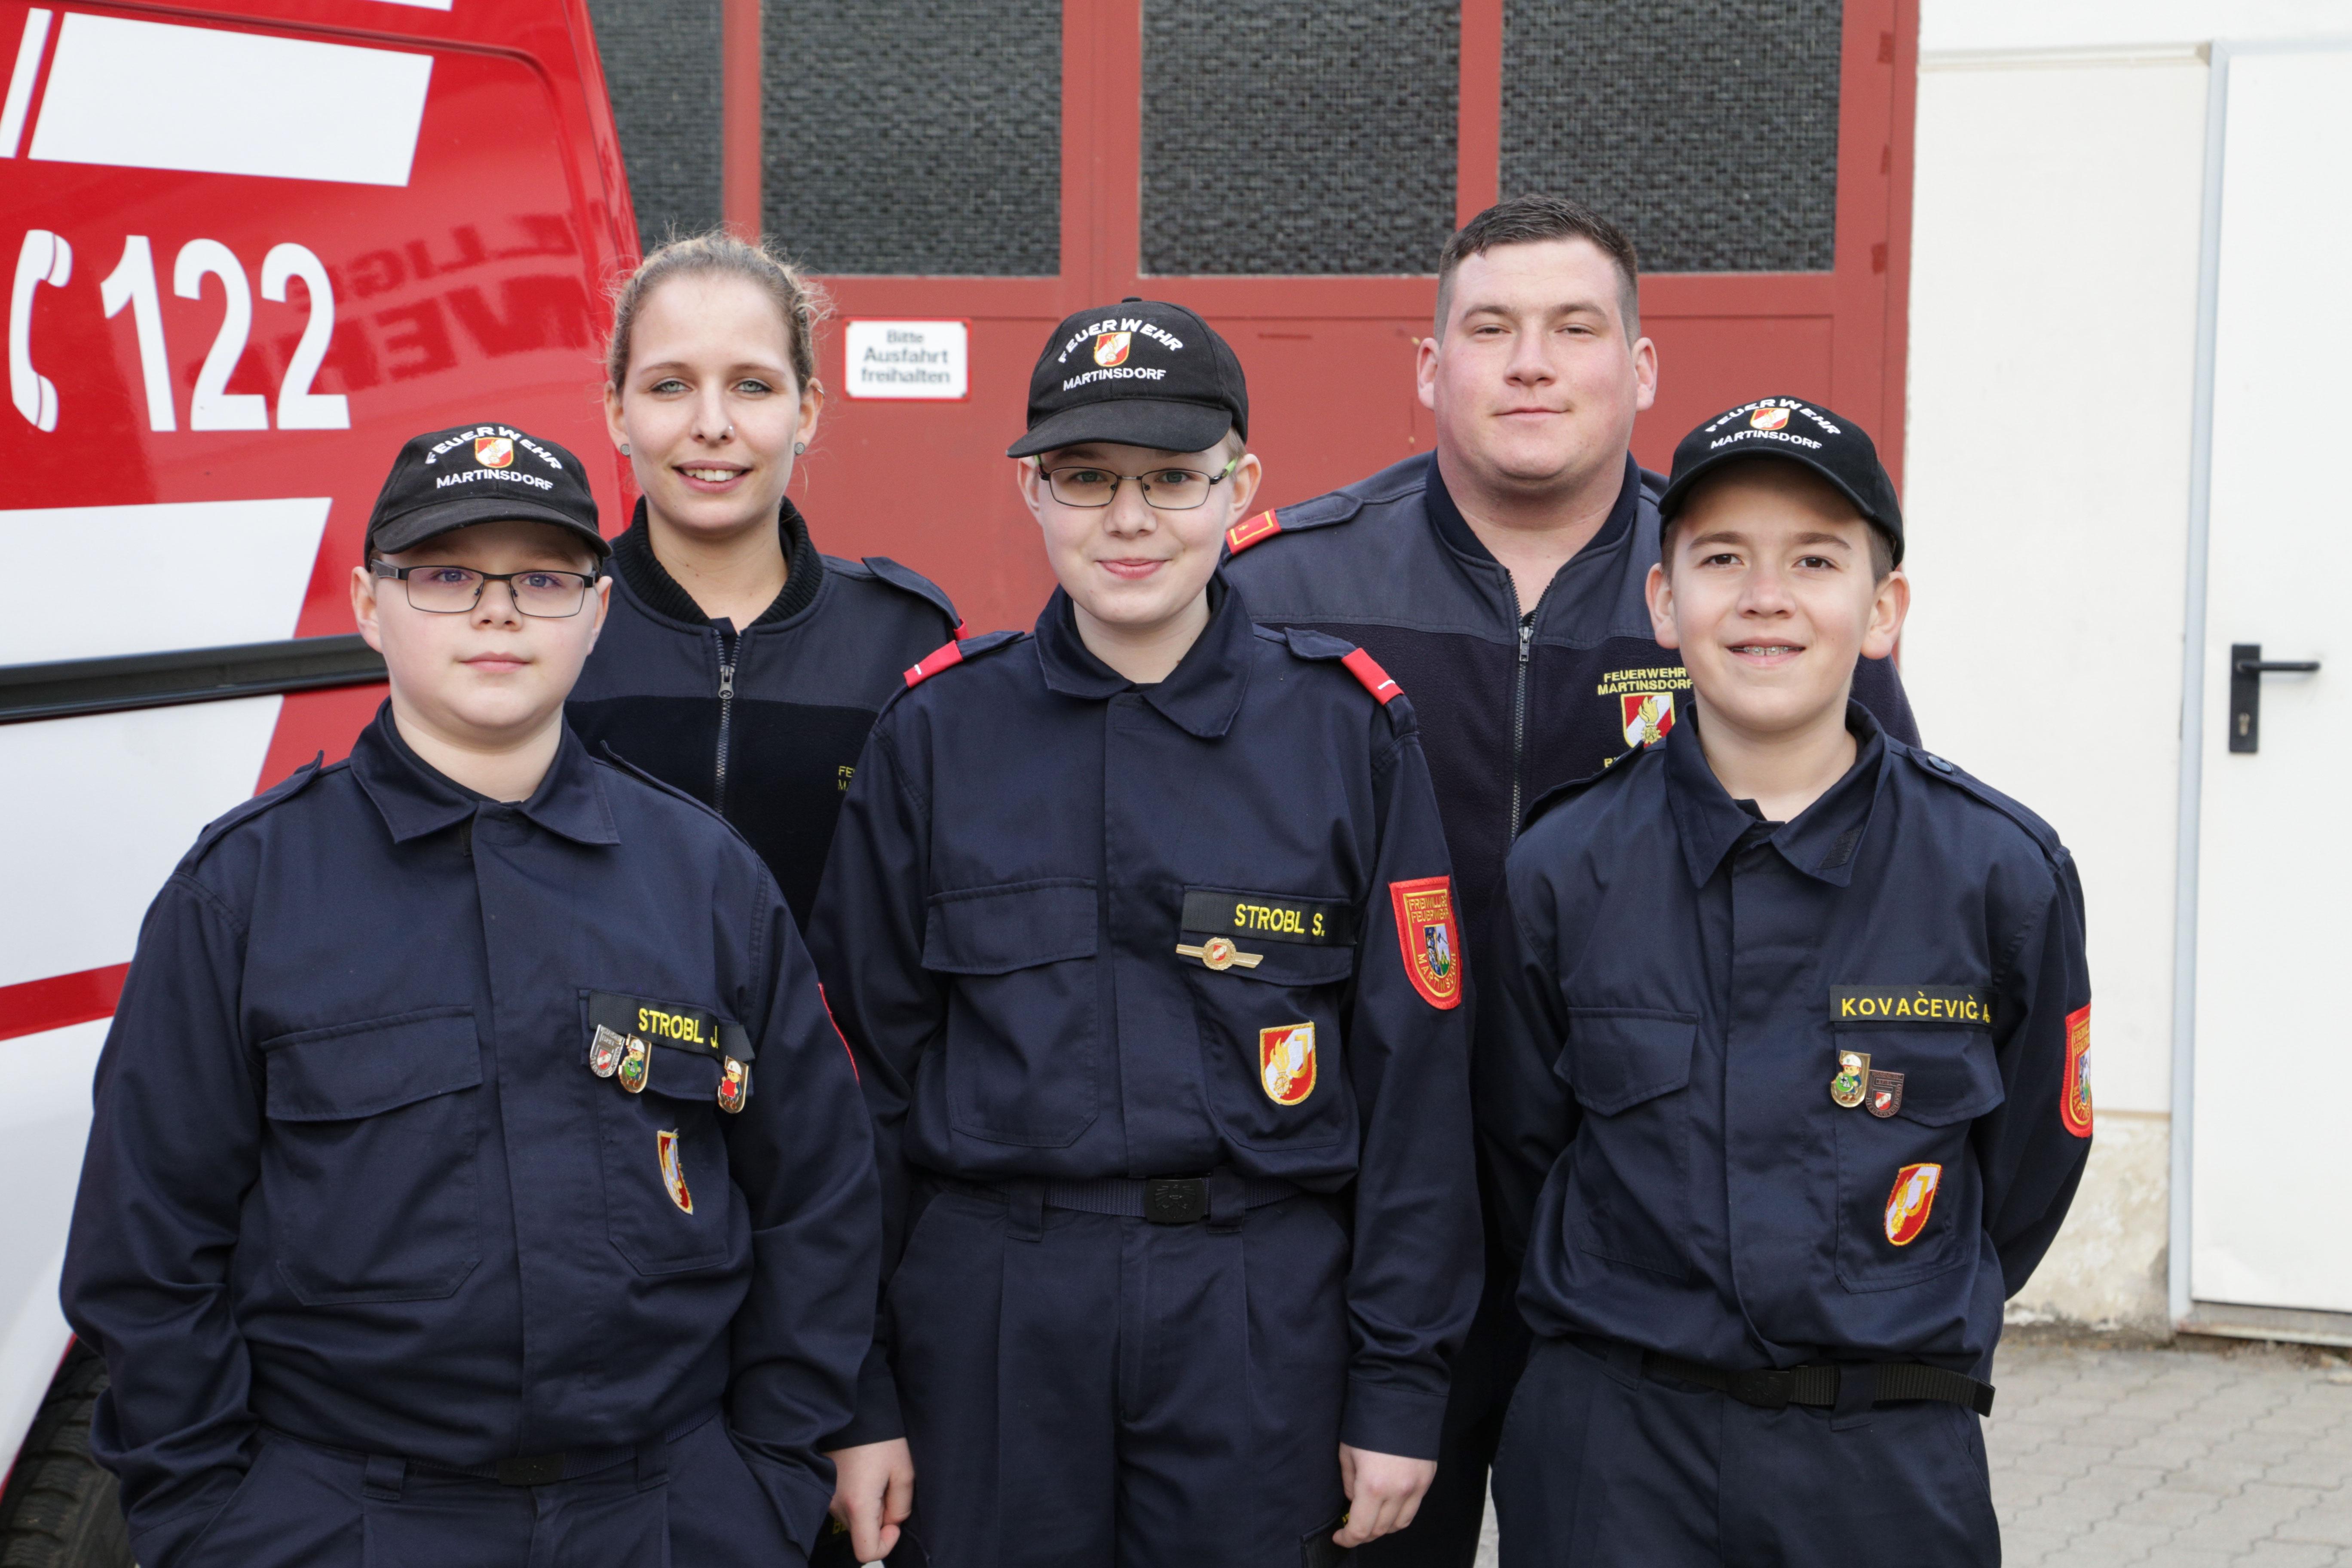 Wissenstest Feuerwehrjugend - Wilfersdorf